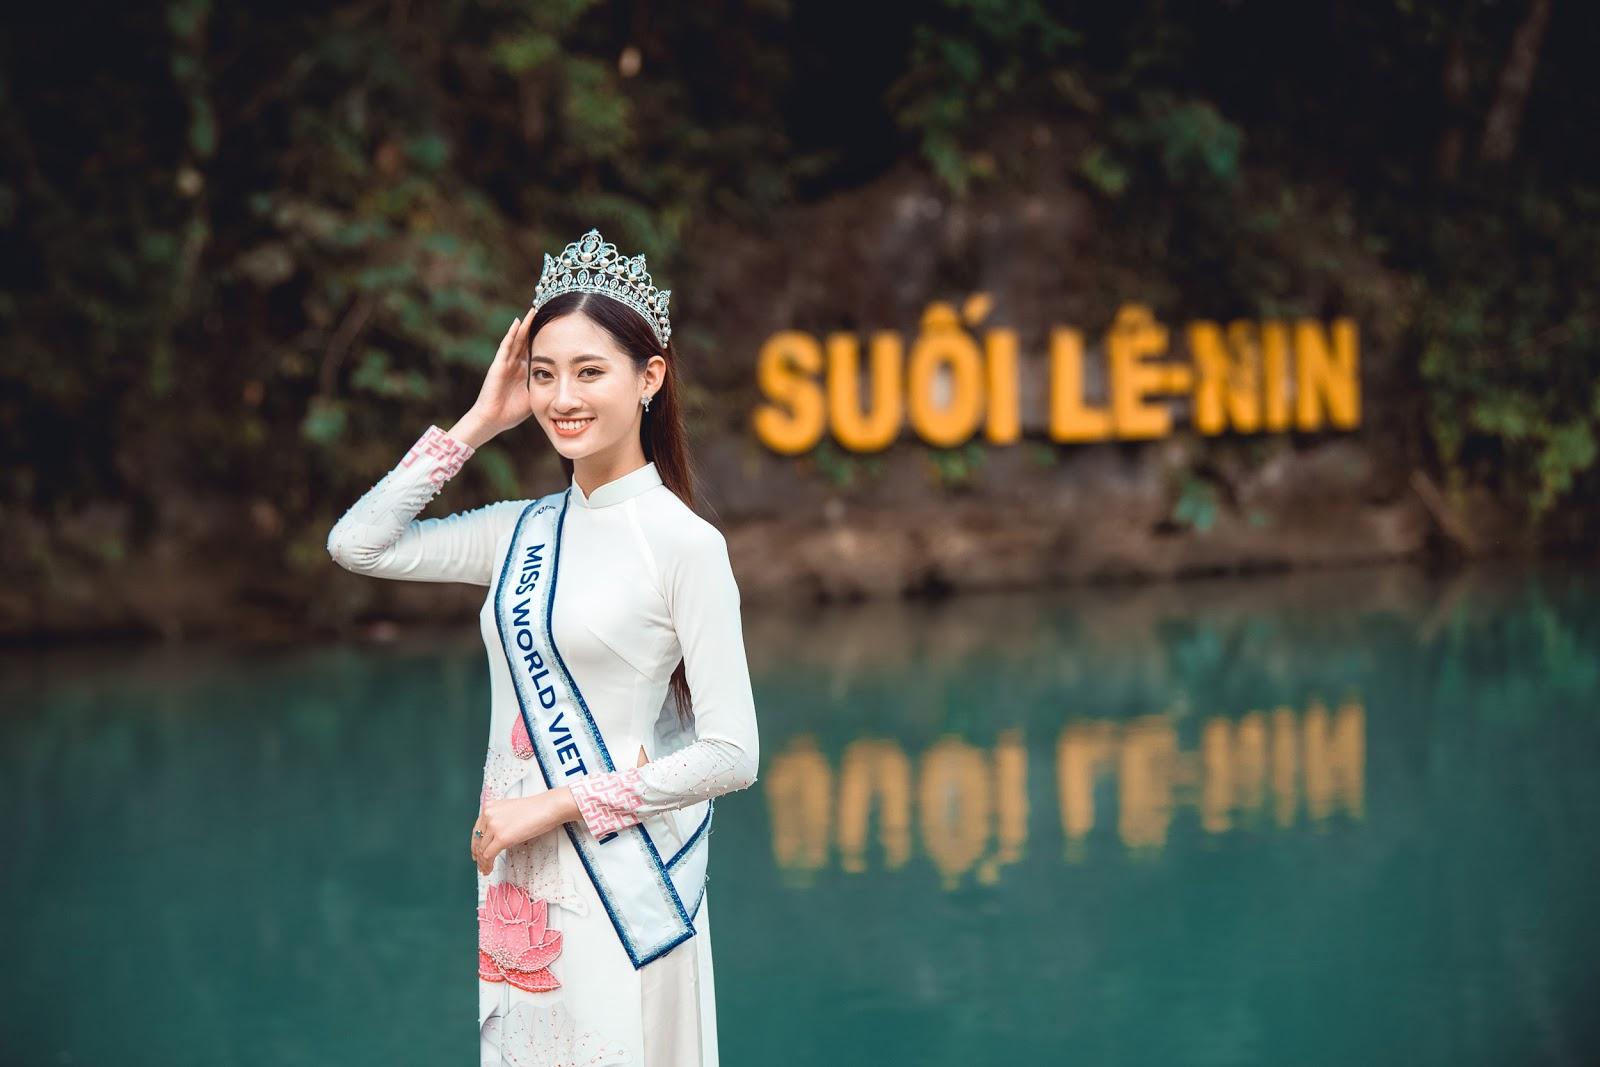 Hoa hậu Lương Thùy Linh diện áo dài thả dáng giữa đất trời Cao Bằng  - Hình 3